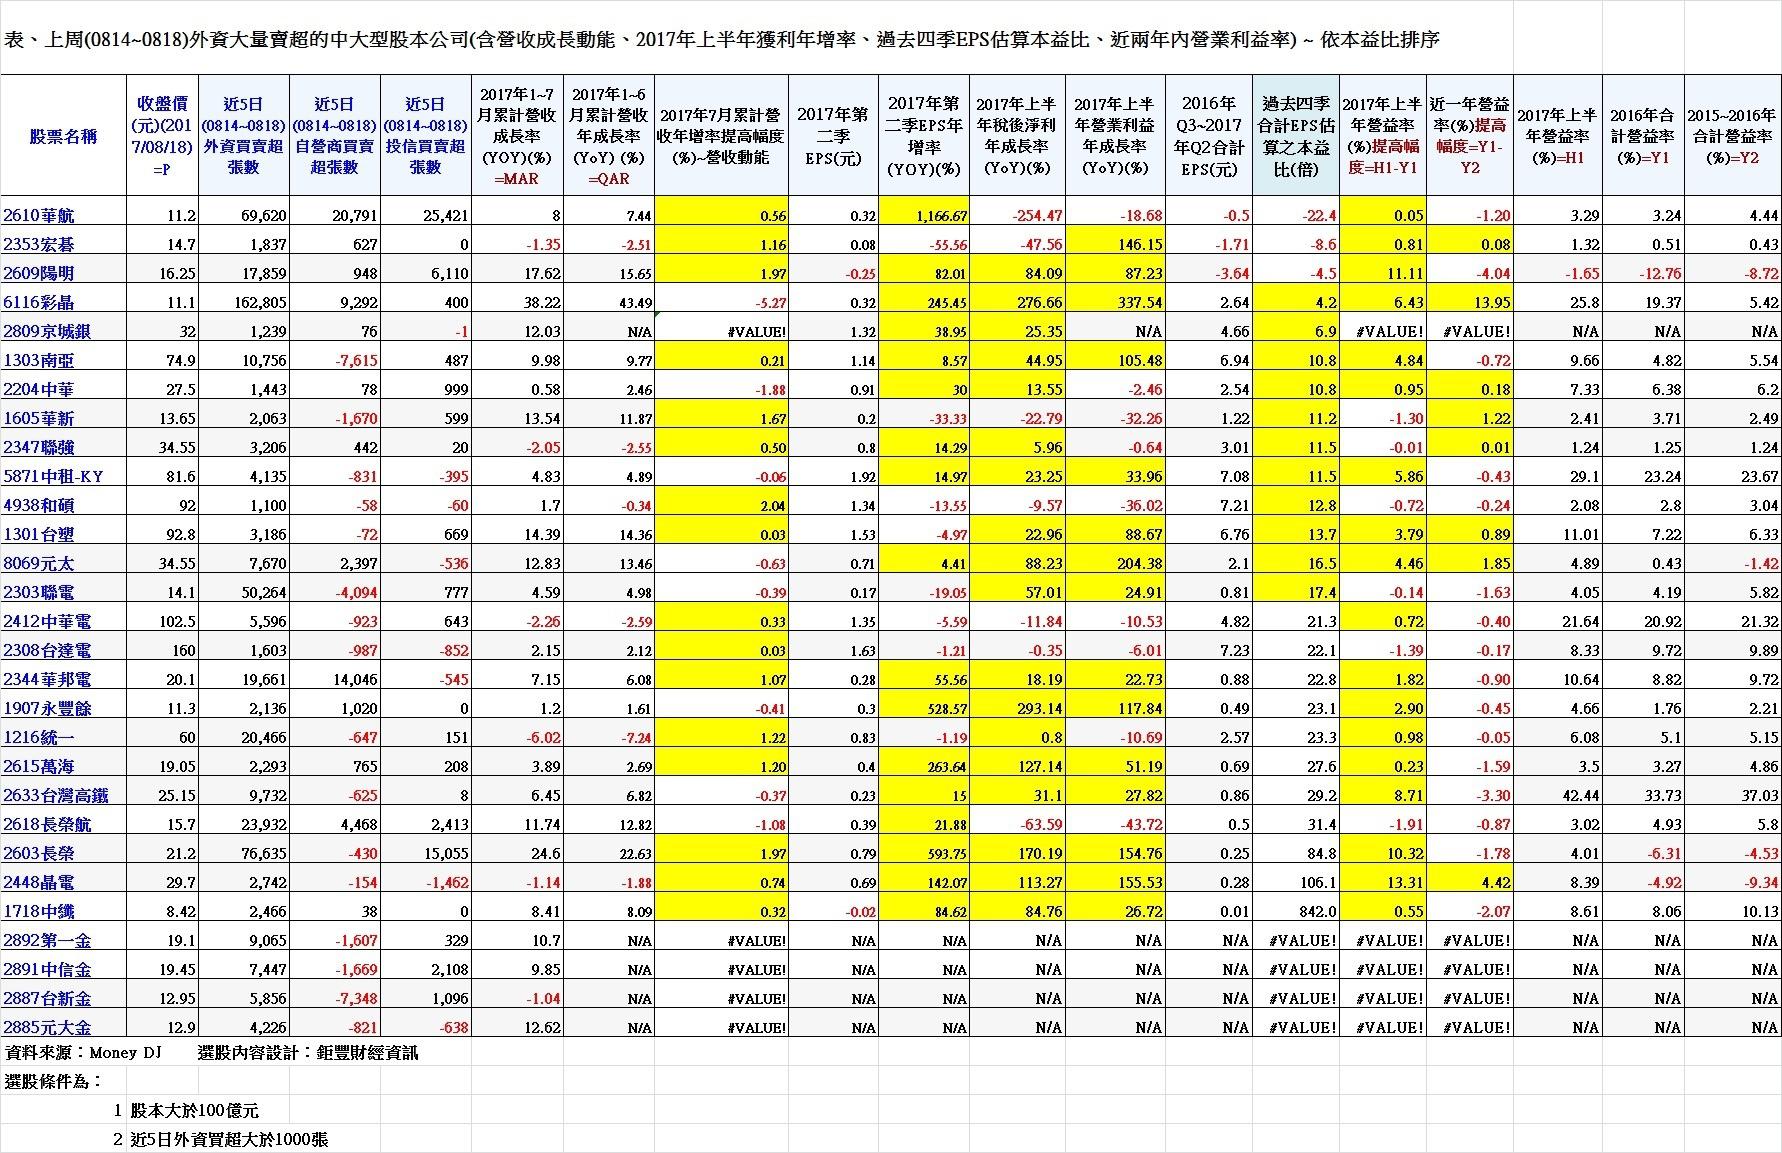 表、上周(0814~0818)外資大量賣超的中大型股本公司(含營收成長動能、2017年上半年獲利年增率、過去四季EPS估算本益比、近兩年內營業利益率) ~ 依本益比排序